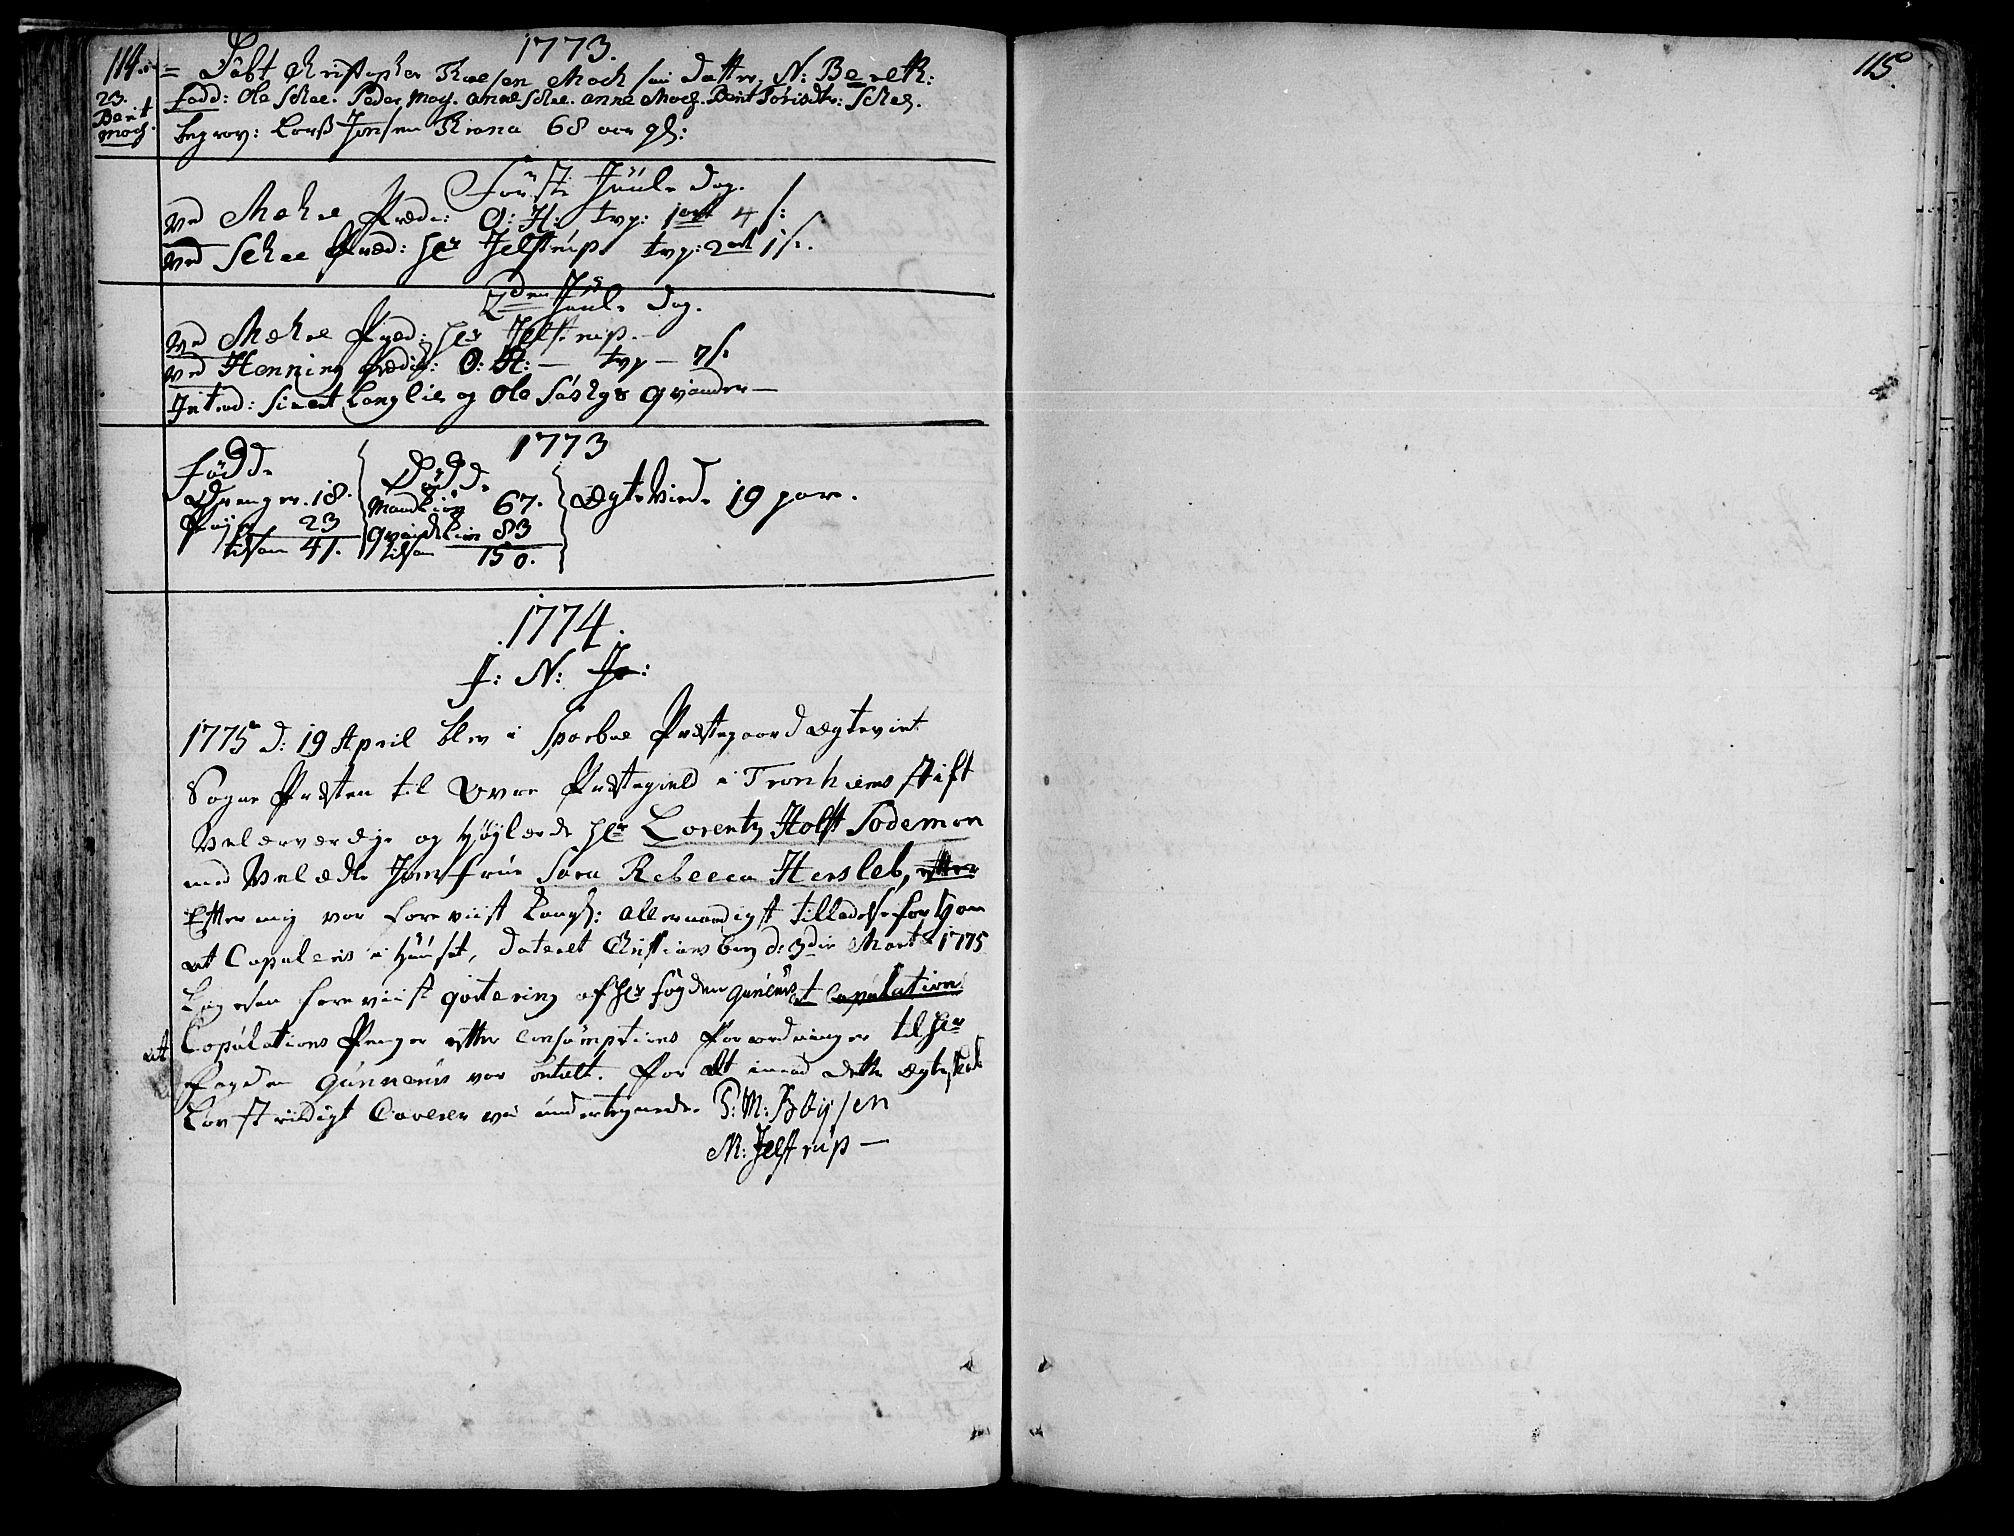 SAT, Ministerialprotokoller, klokkerbøker og fødselsregistre - Nord-Trøndelag, 735/L0331: Ministerialbok nr. 735A02, 1762-1794, s. 114-115